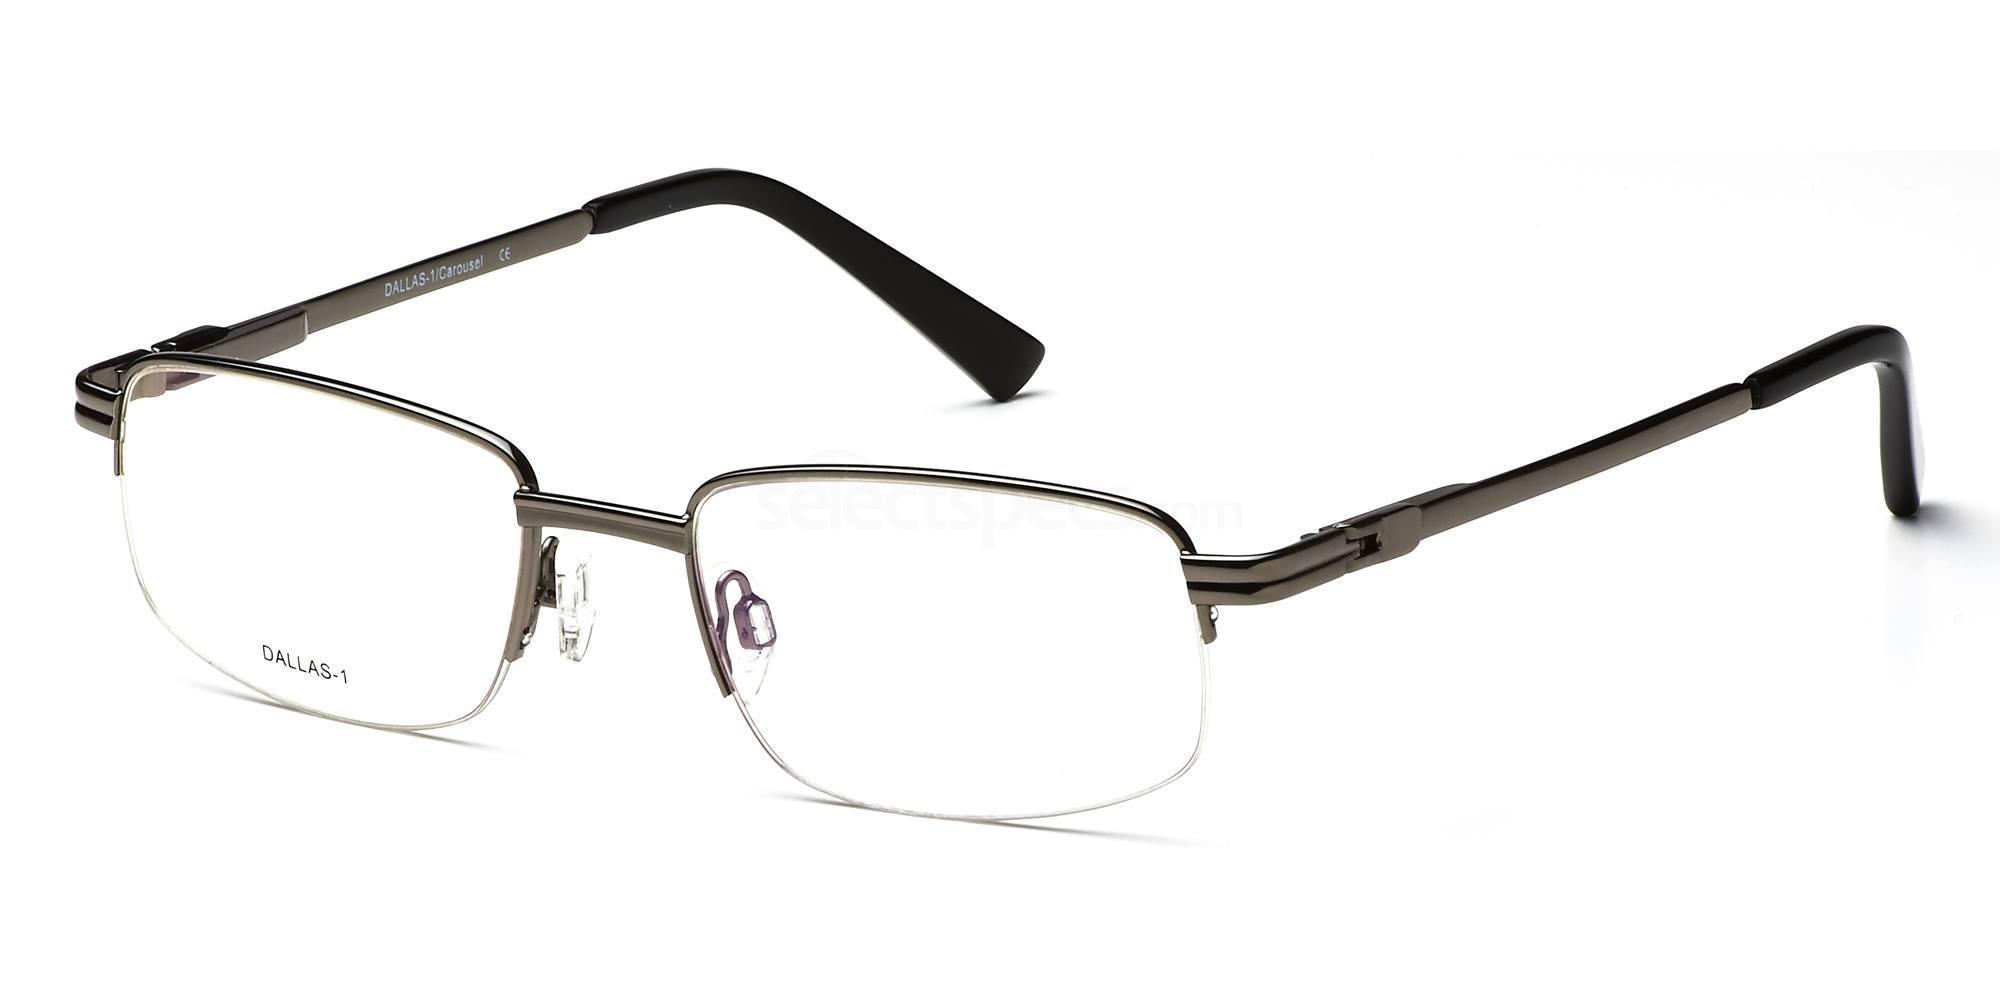 C1 DALLAS1 Glasses, Carousel